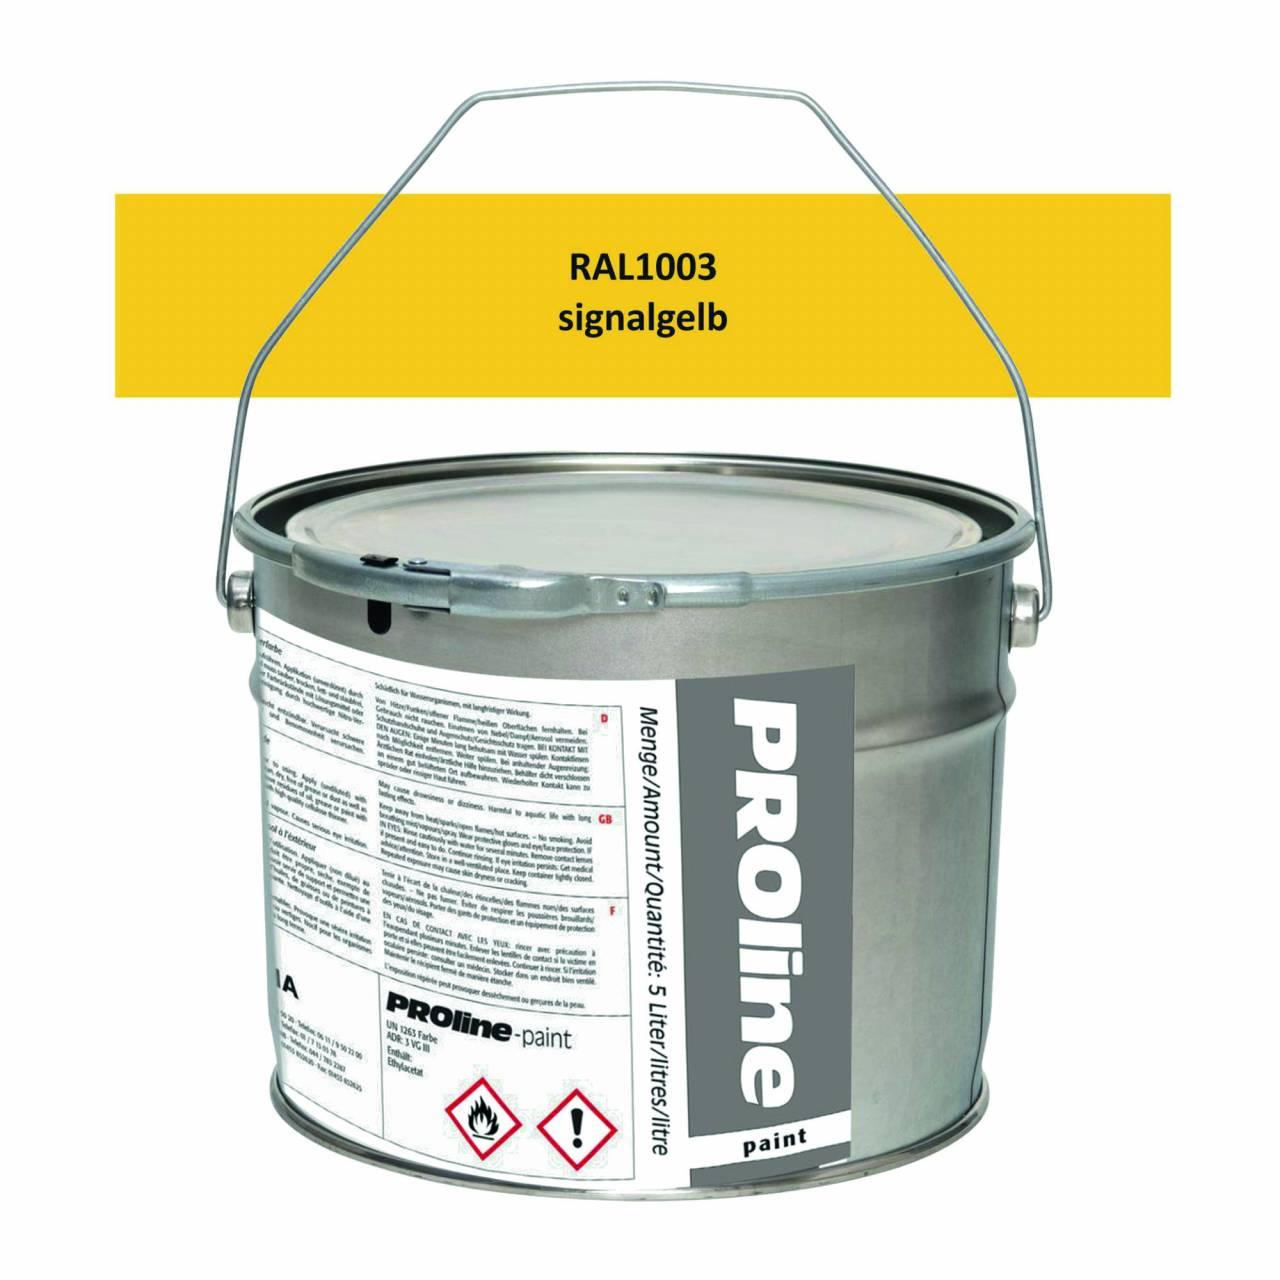 Antirutsch-Markierfarbe 'PROline-paint' GELB / Eimer a 5,0 Liter